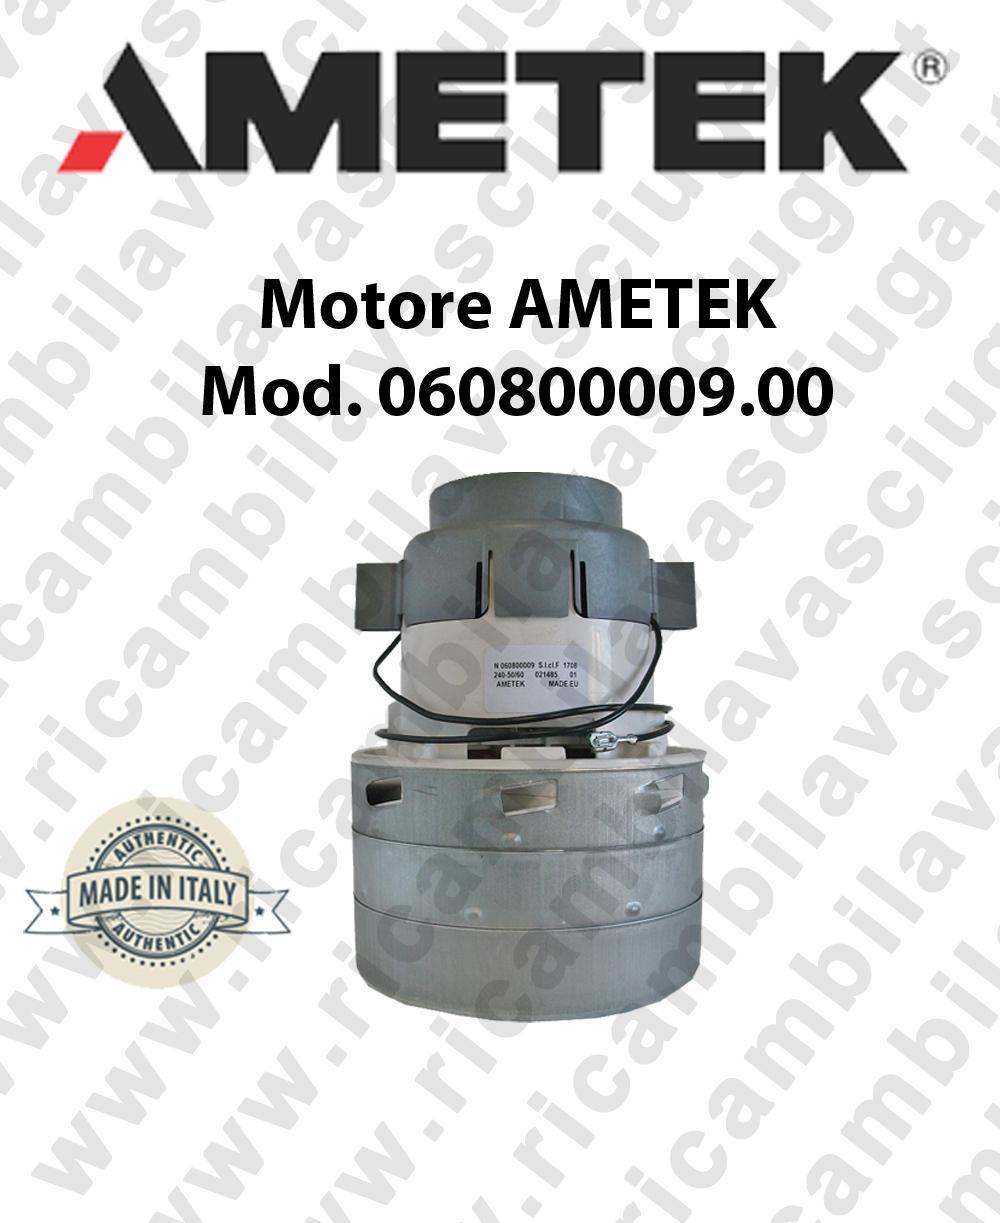 Ametek Vacuum Motor ITALIA 060800009.00 for central vacuum system